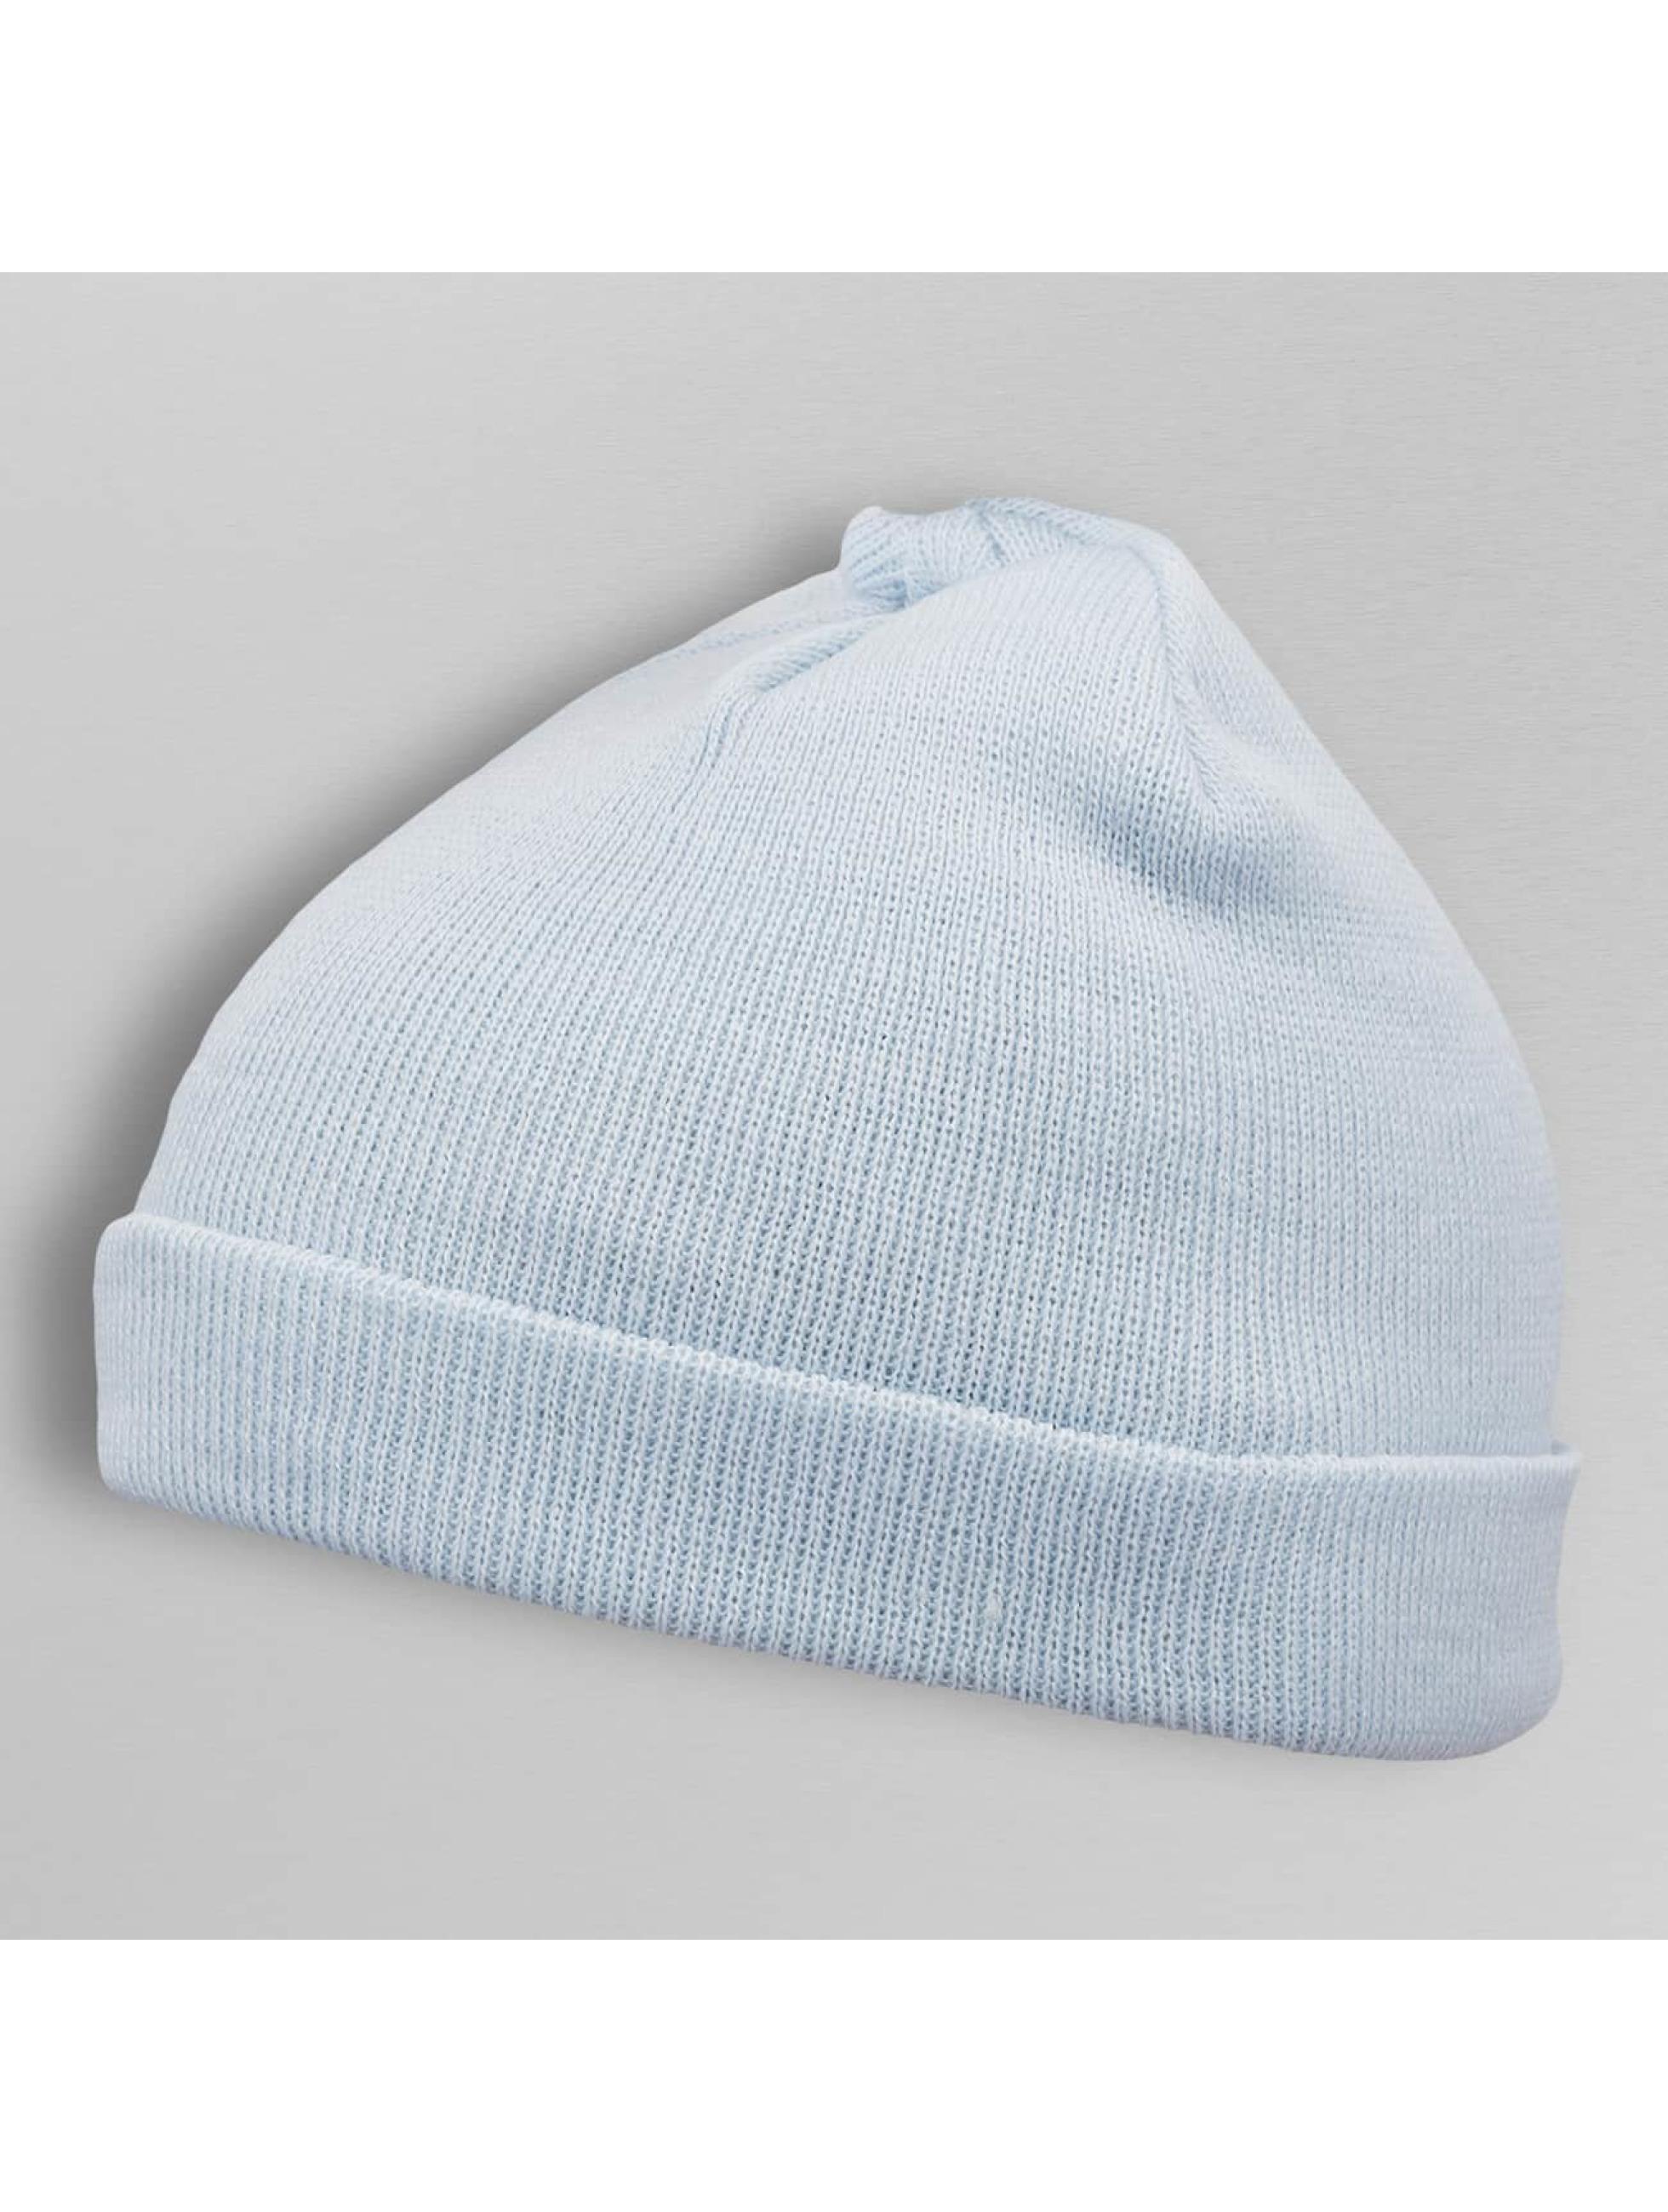 MSTRDS Beanie Short Pastel Cuff Knit blauw